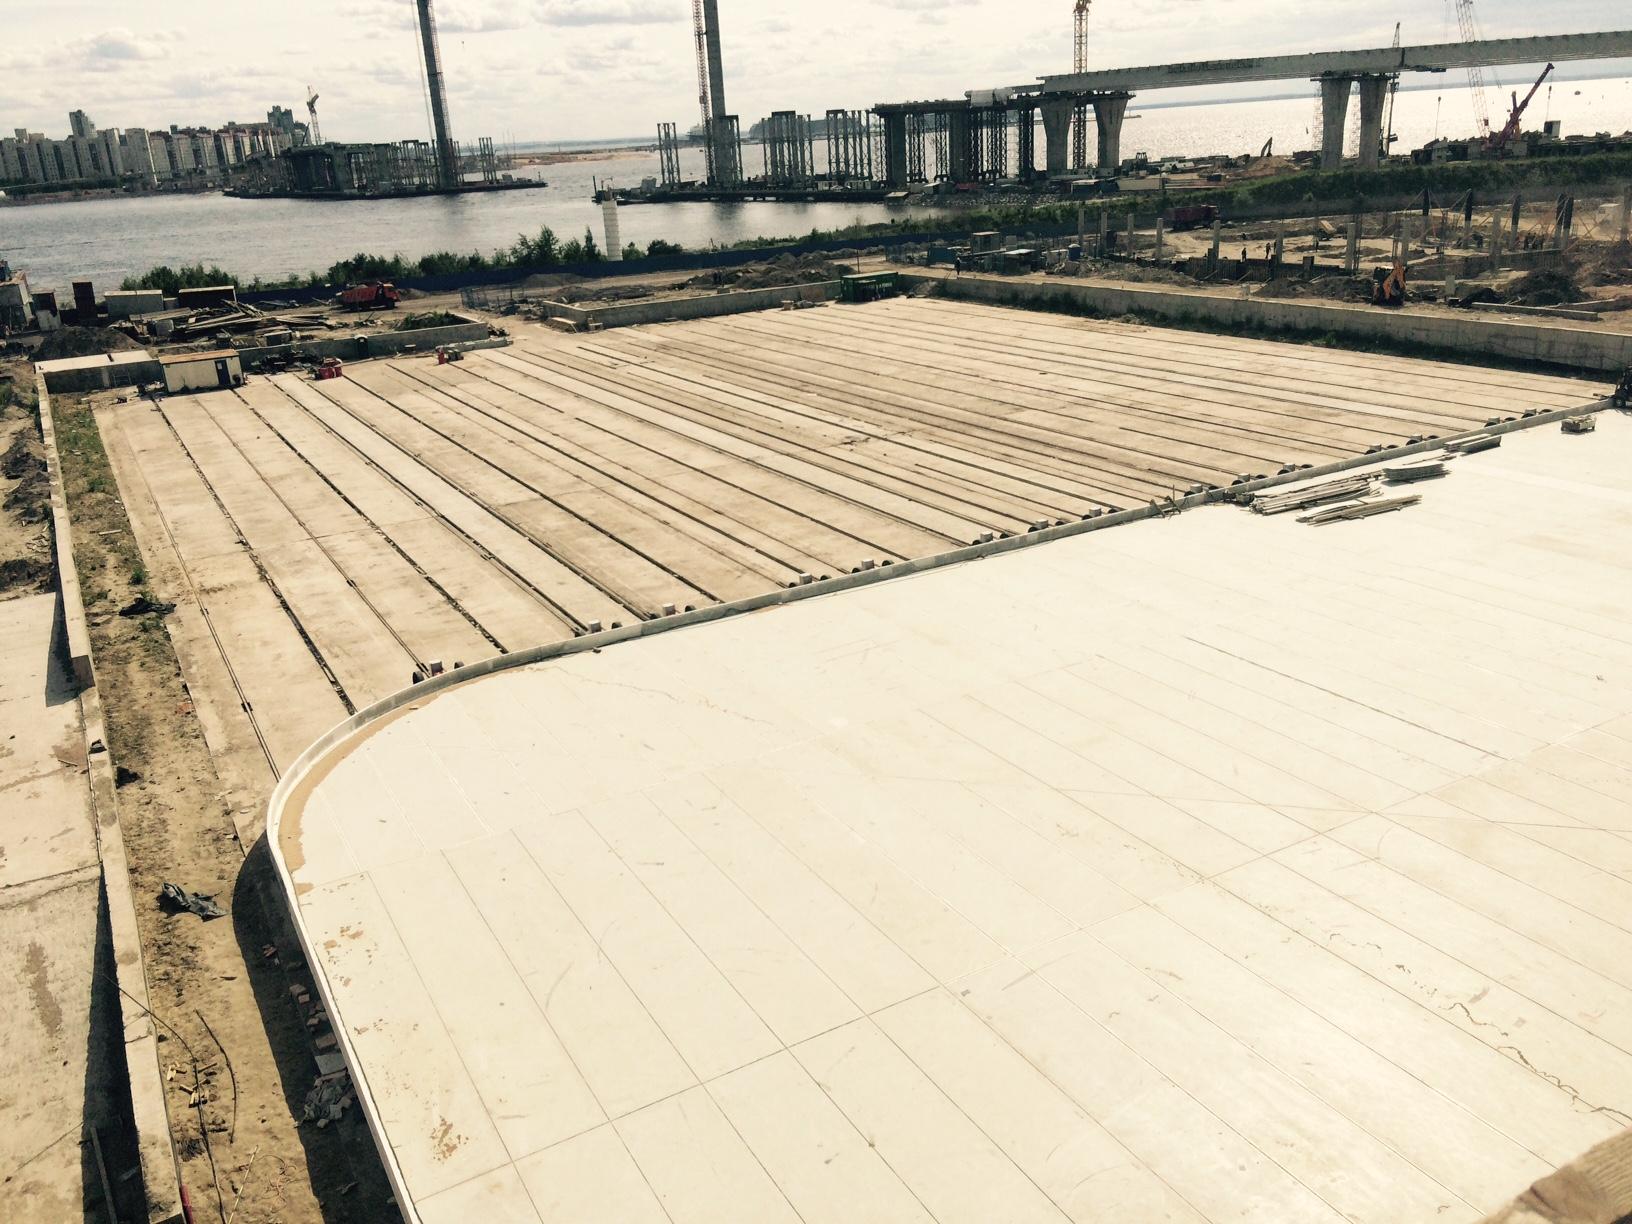 «Трансстрой» завершил монтаж металлоконструкций выкатного поля на стадионе в Санкт-Петербурге